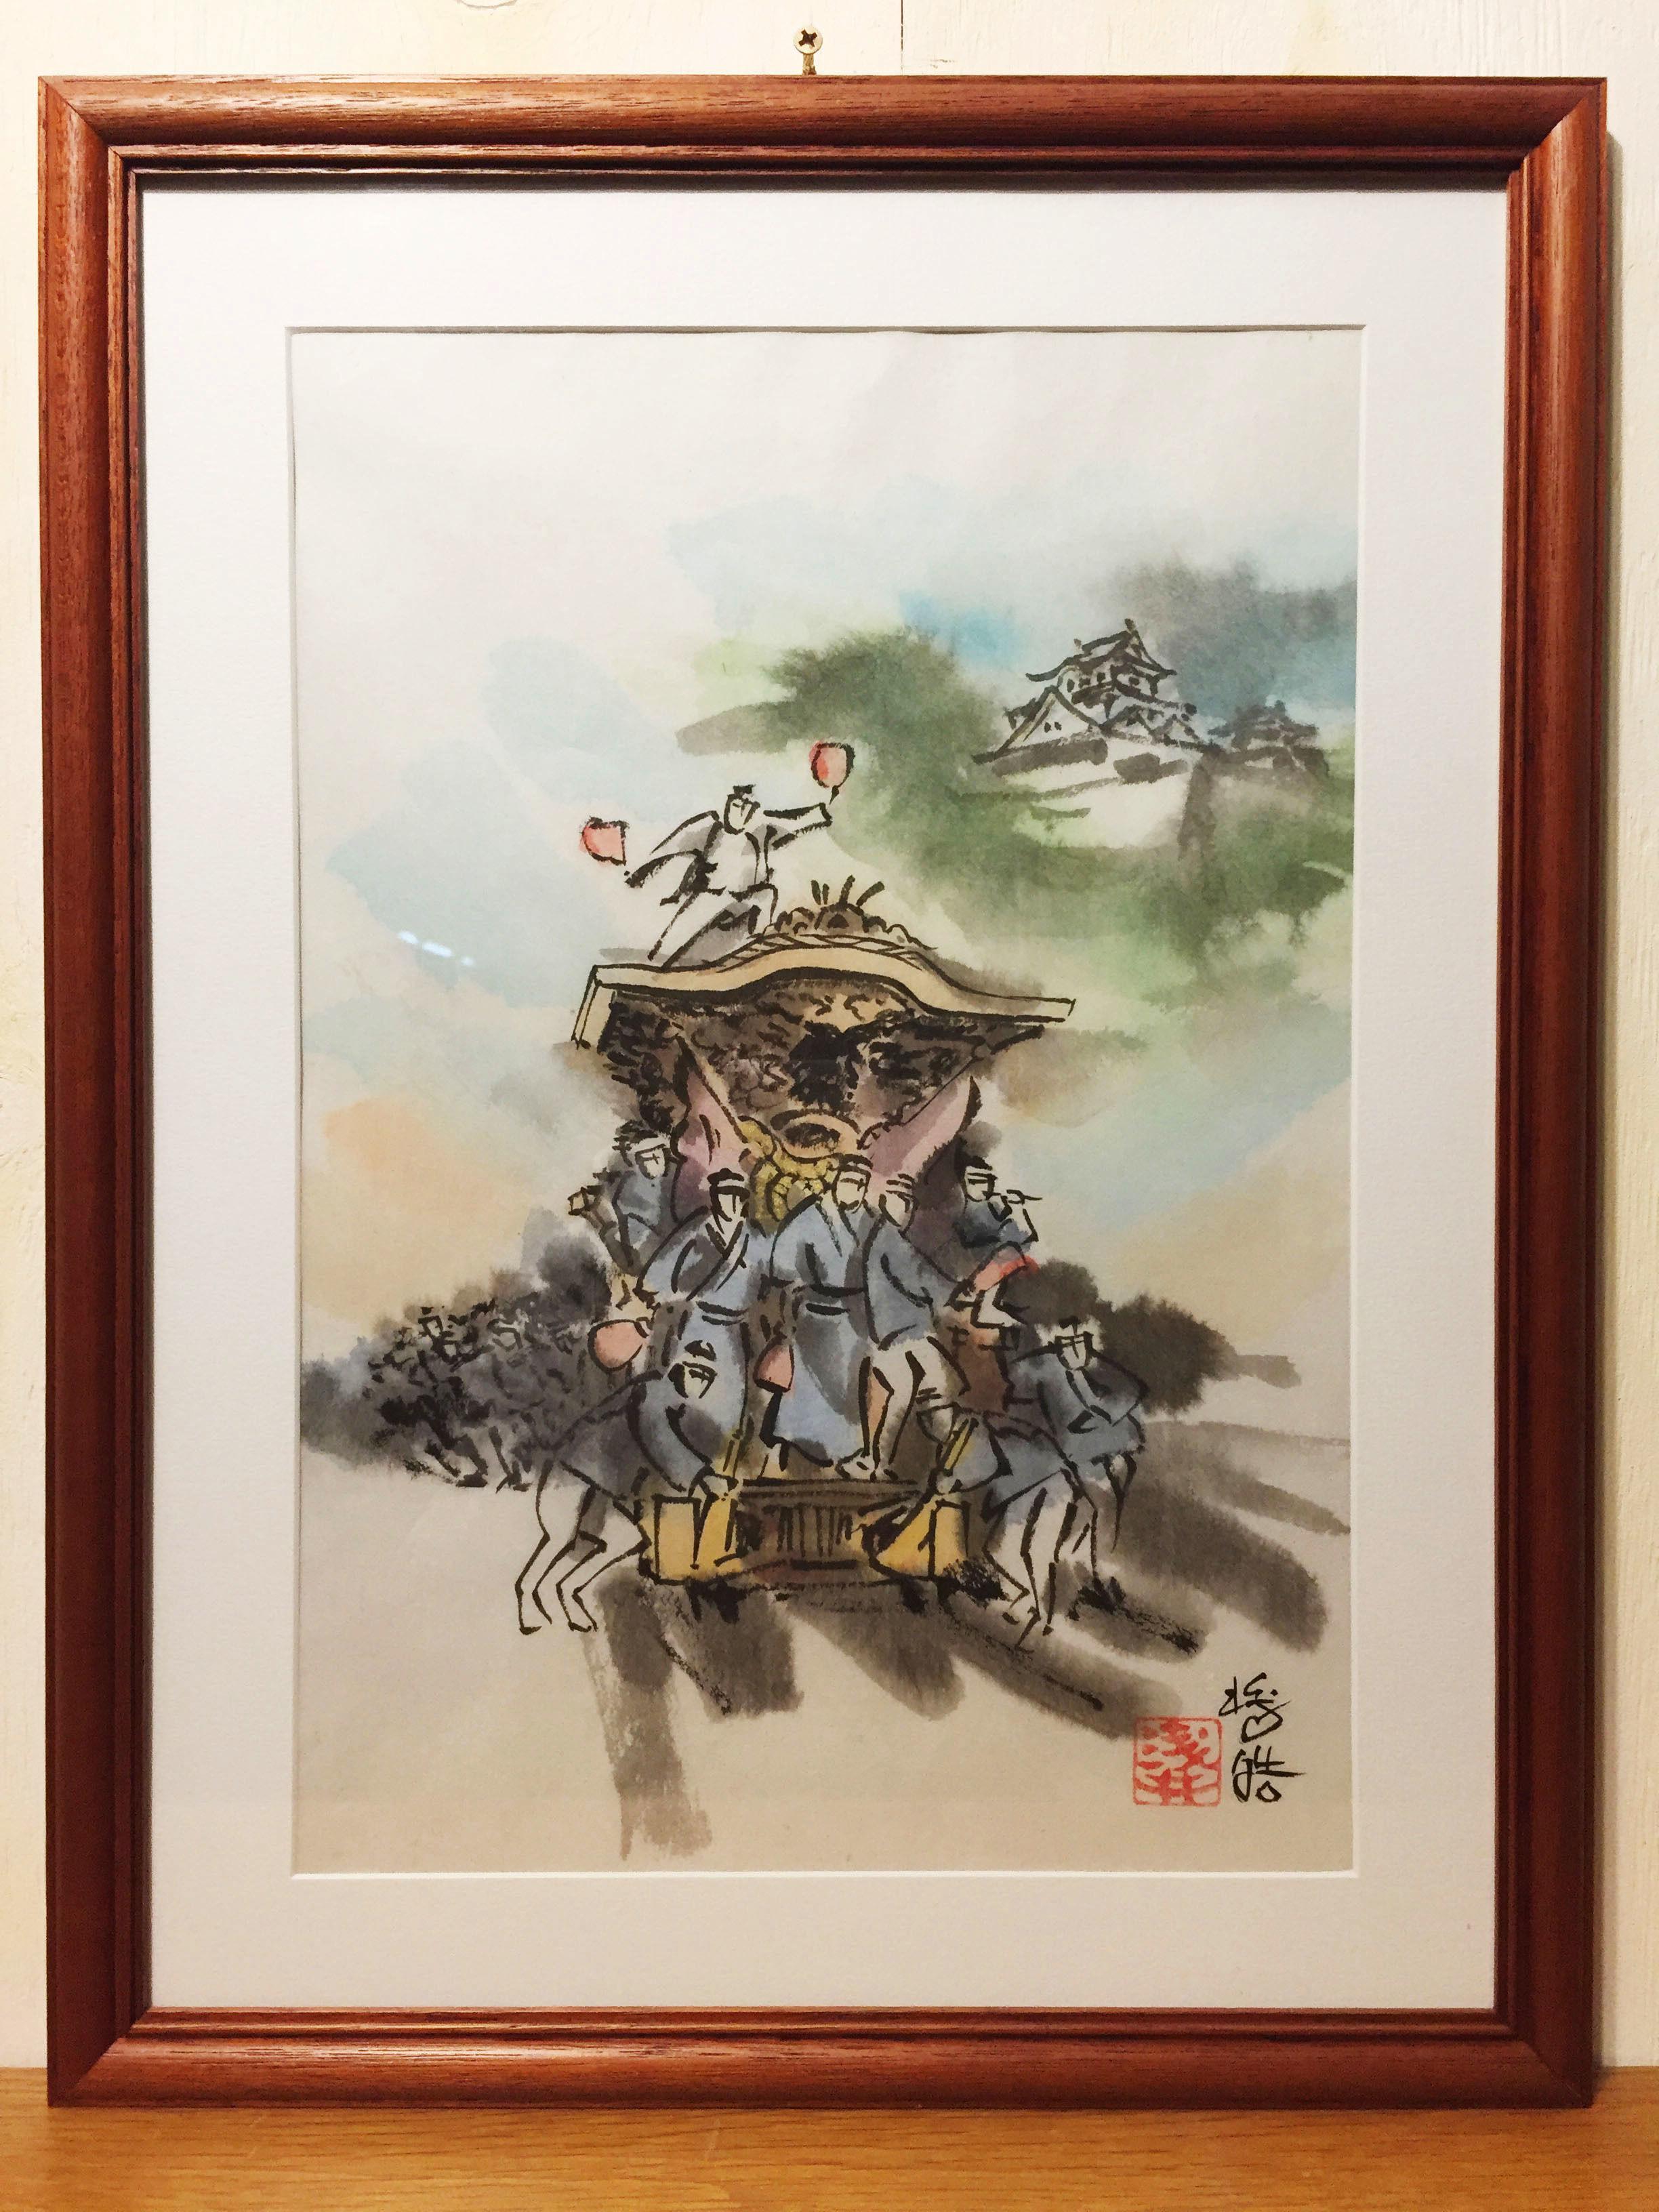 【手描きアート 原画】だんじり1 45.3cm × 35cm